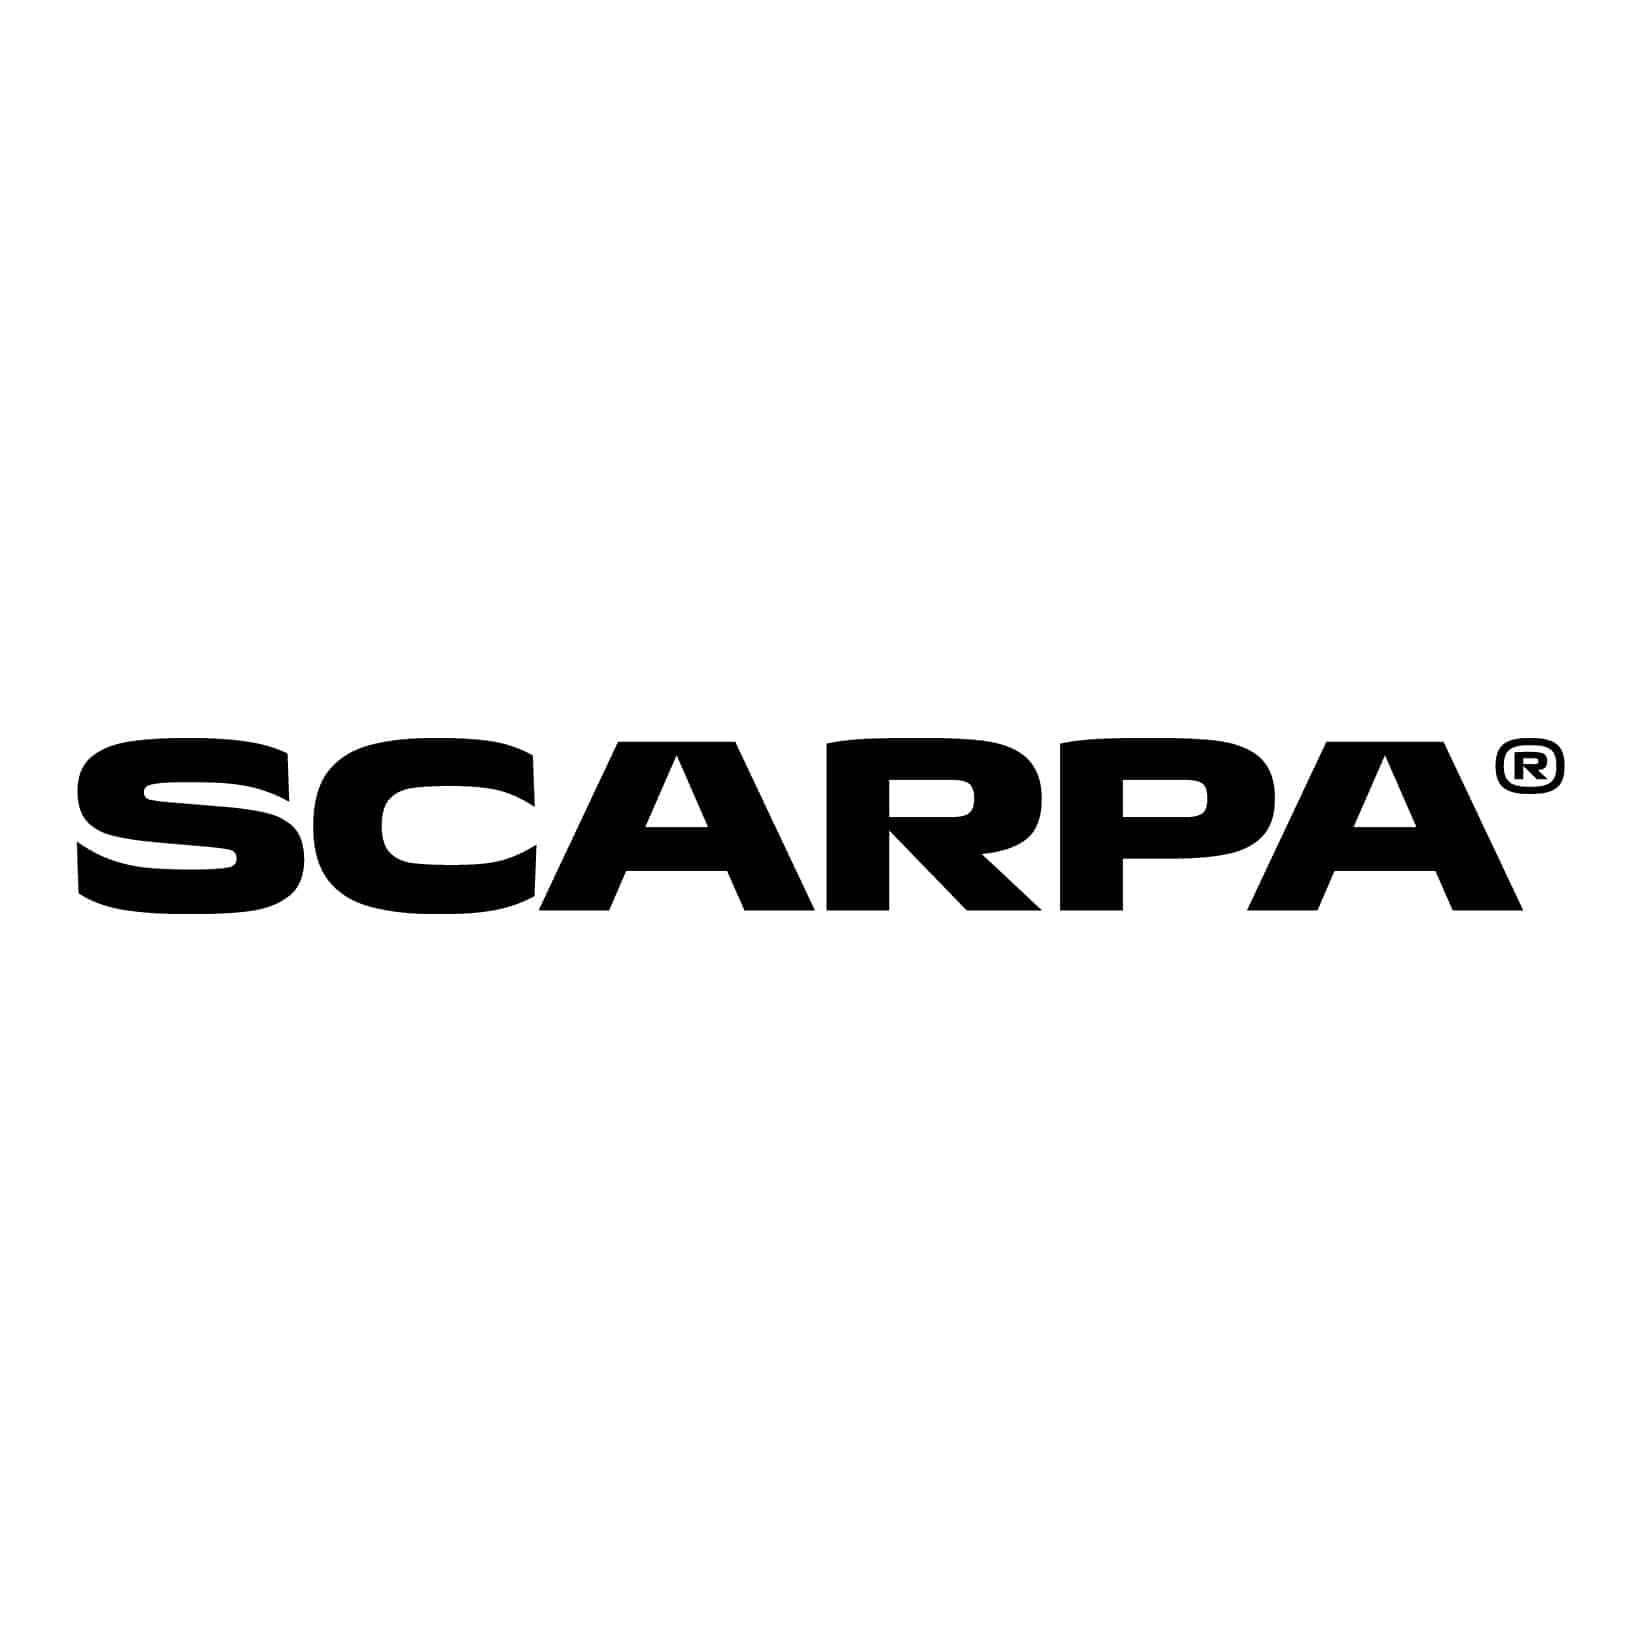 SCARPA E L'AVVENTURA EPICA DEL TORX